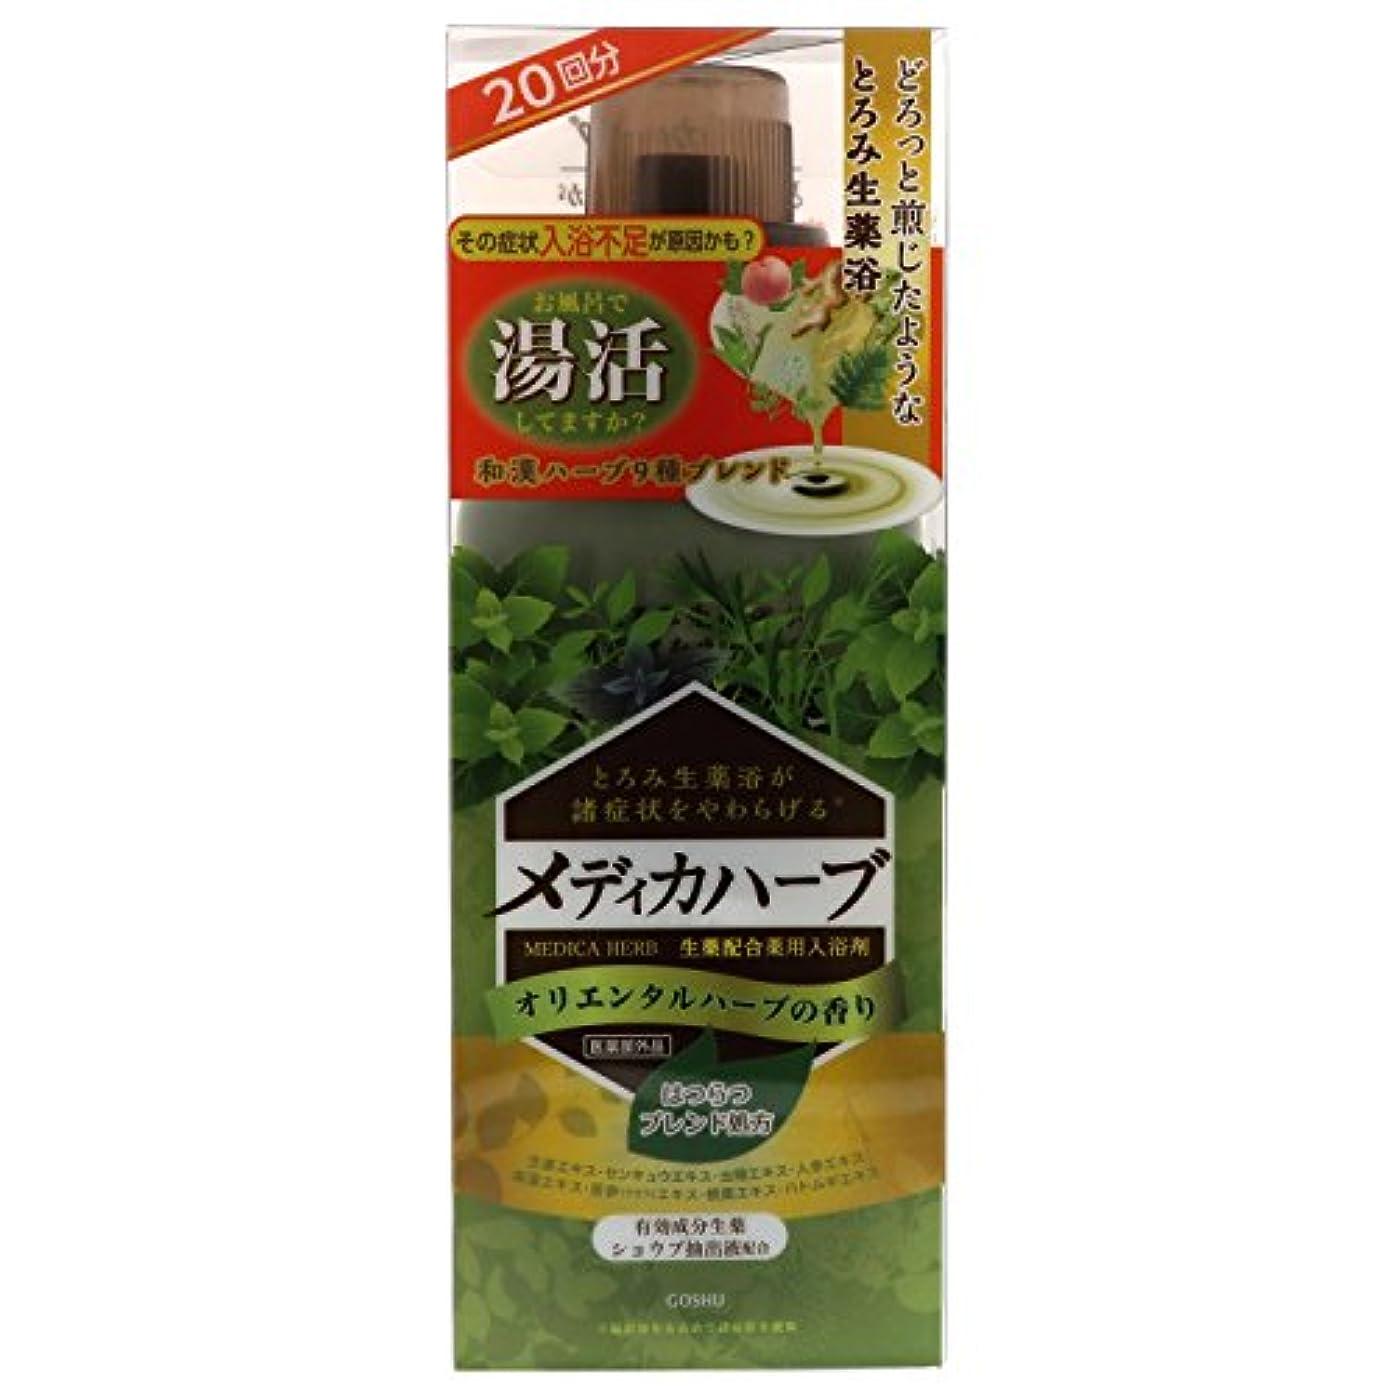 信頼性のある王室舌なメディカハーブ オリエンタルハーブの香り 400ML(20回分) [医薬部外品]